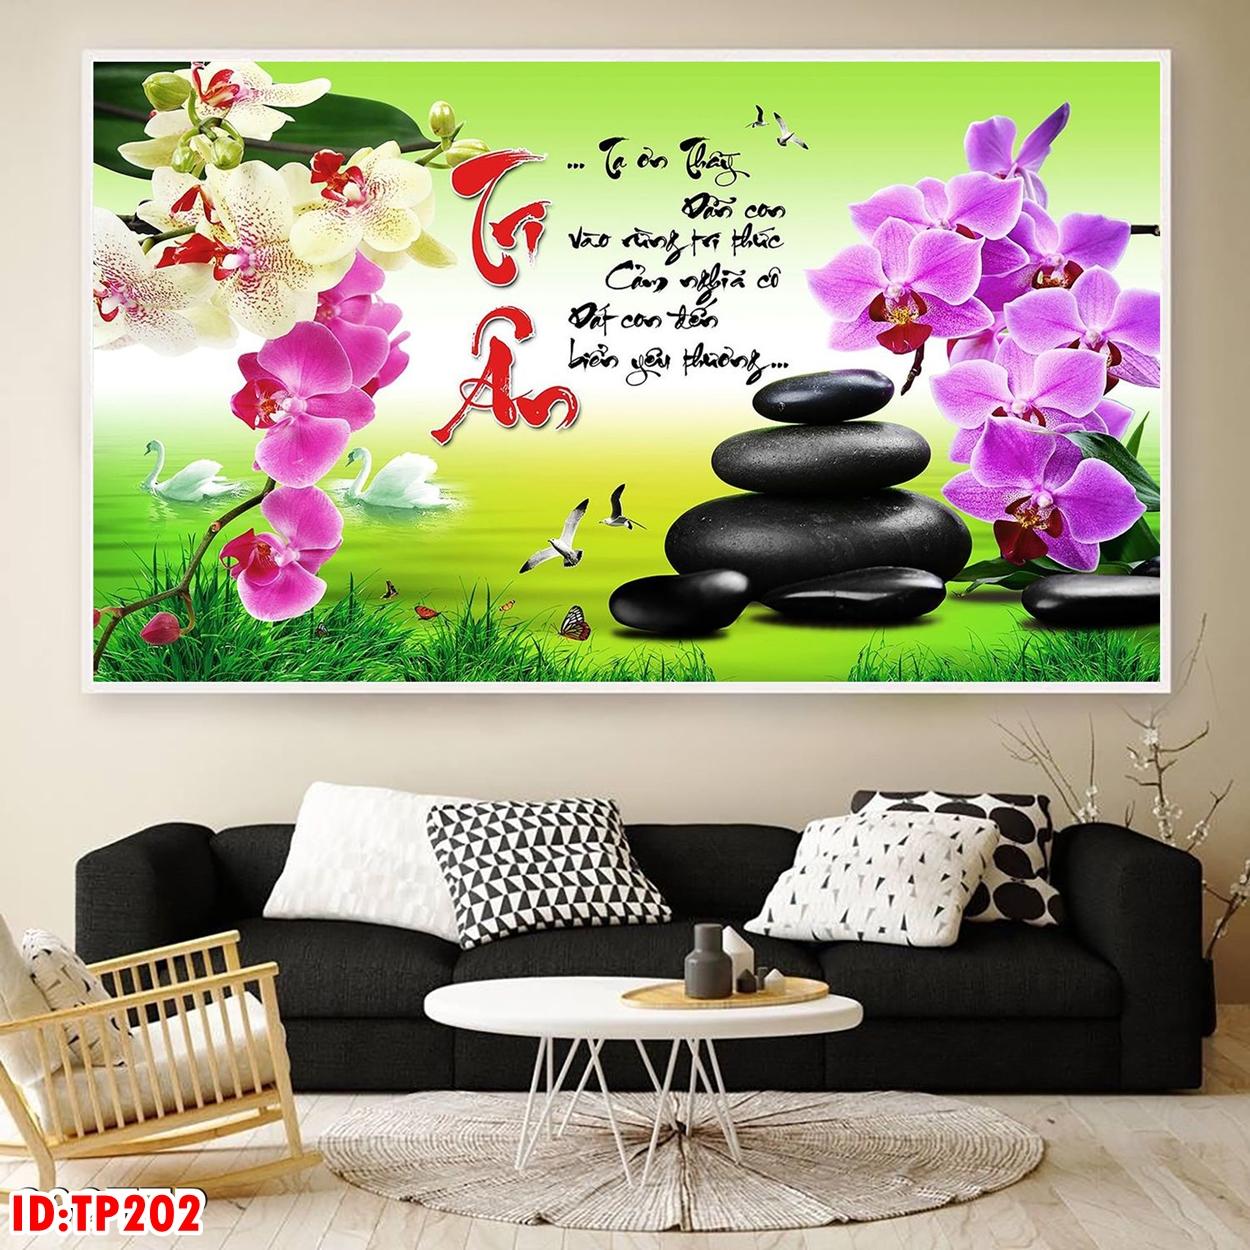 http://filetranh.com/tranh-thu-phap/file-tranh-thu-phap-tp202.html